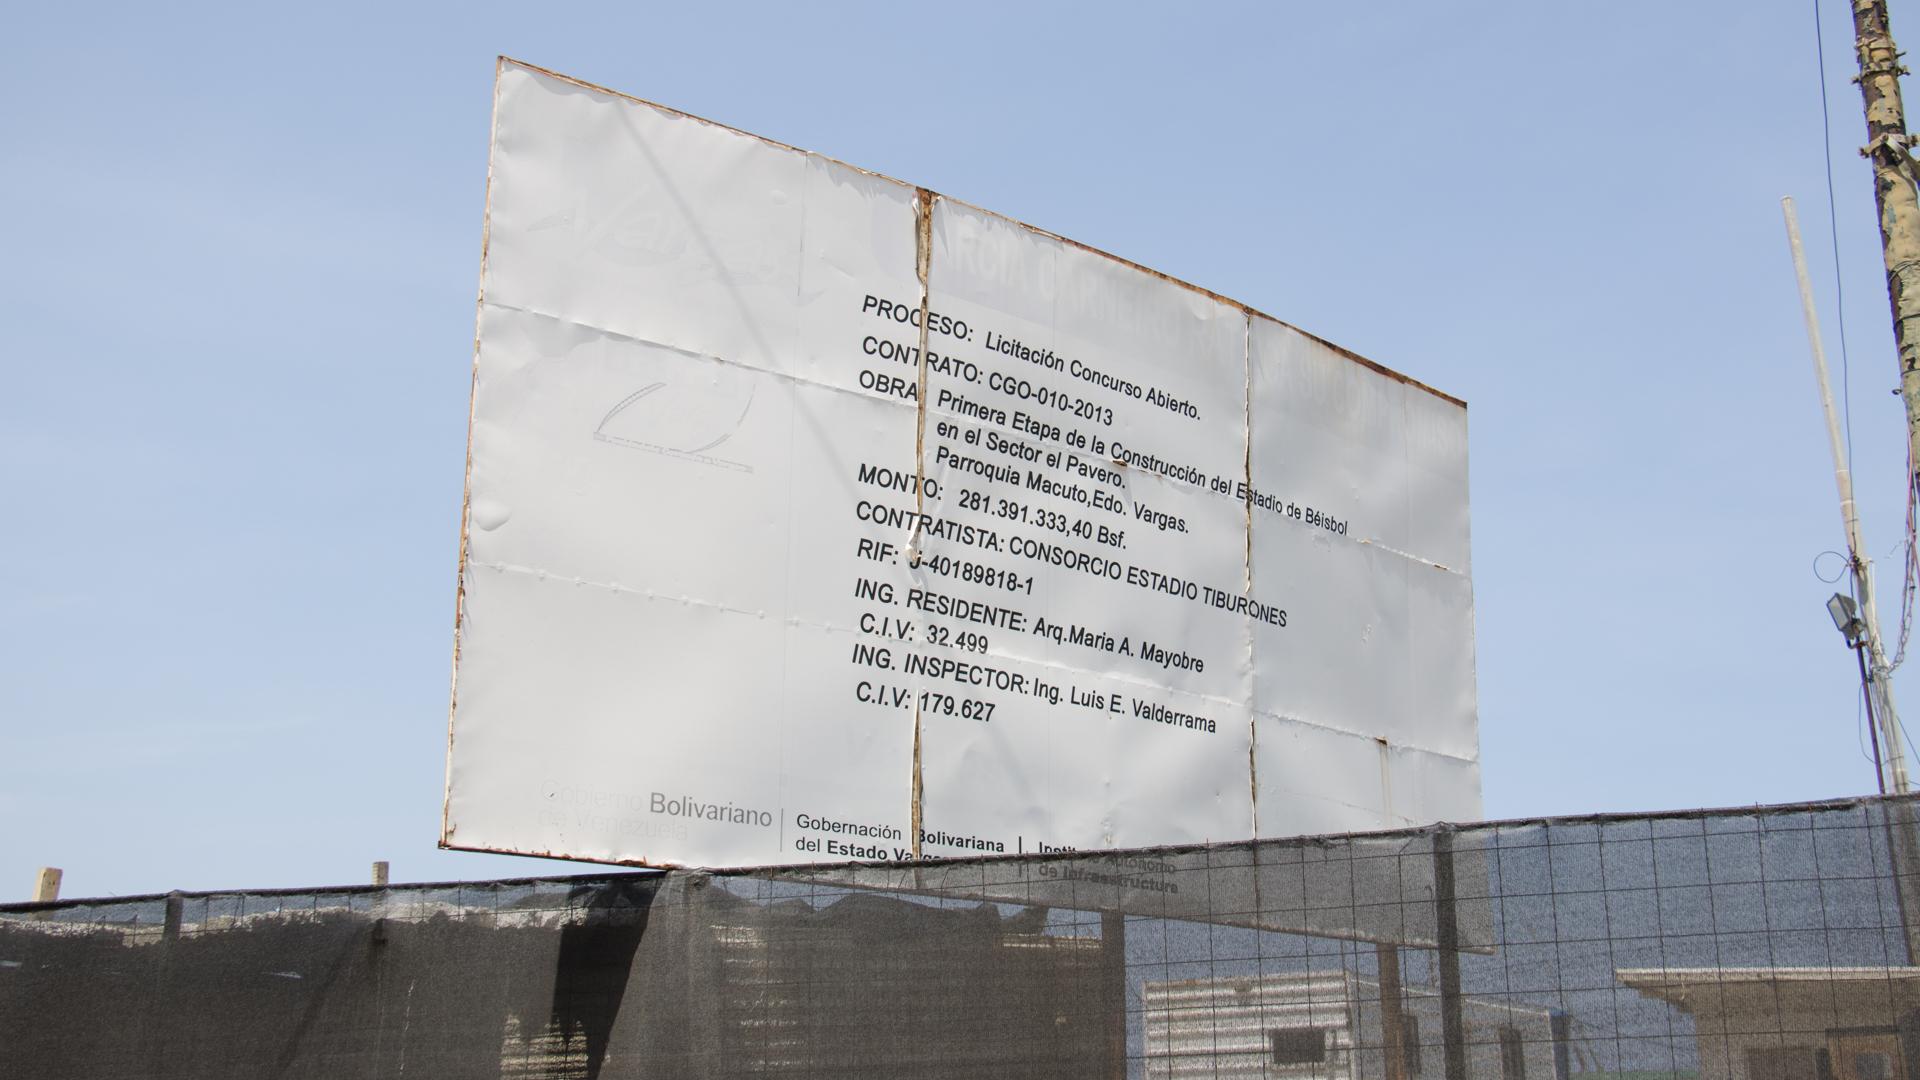 cartel informativo de la construccion del estadio carlos cafe martinez de los tiburones de la guaira